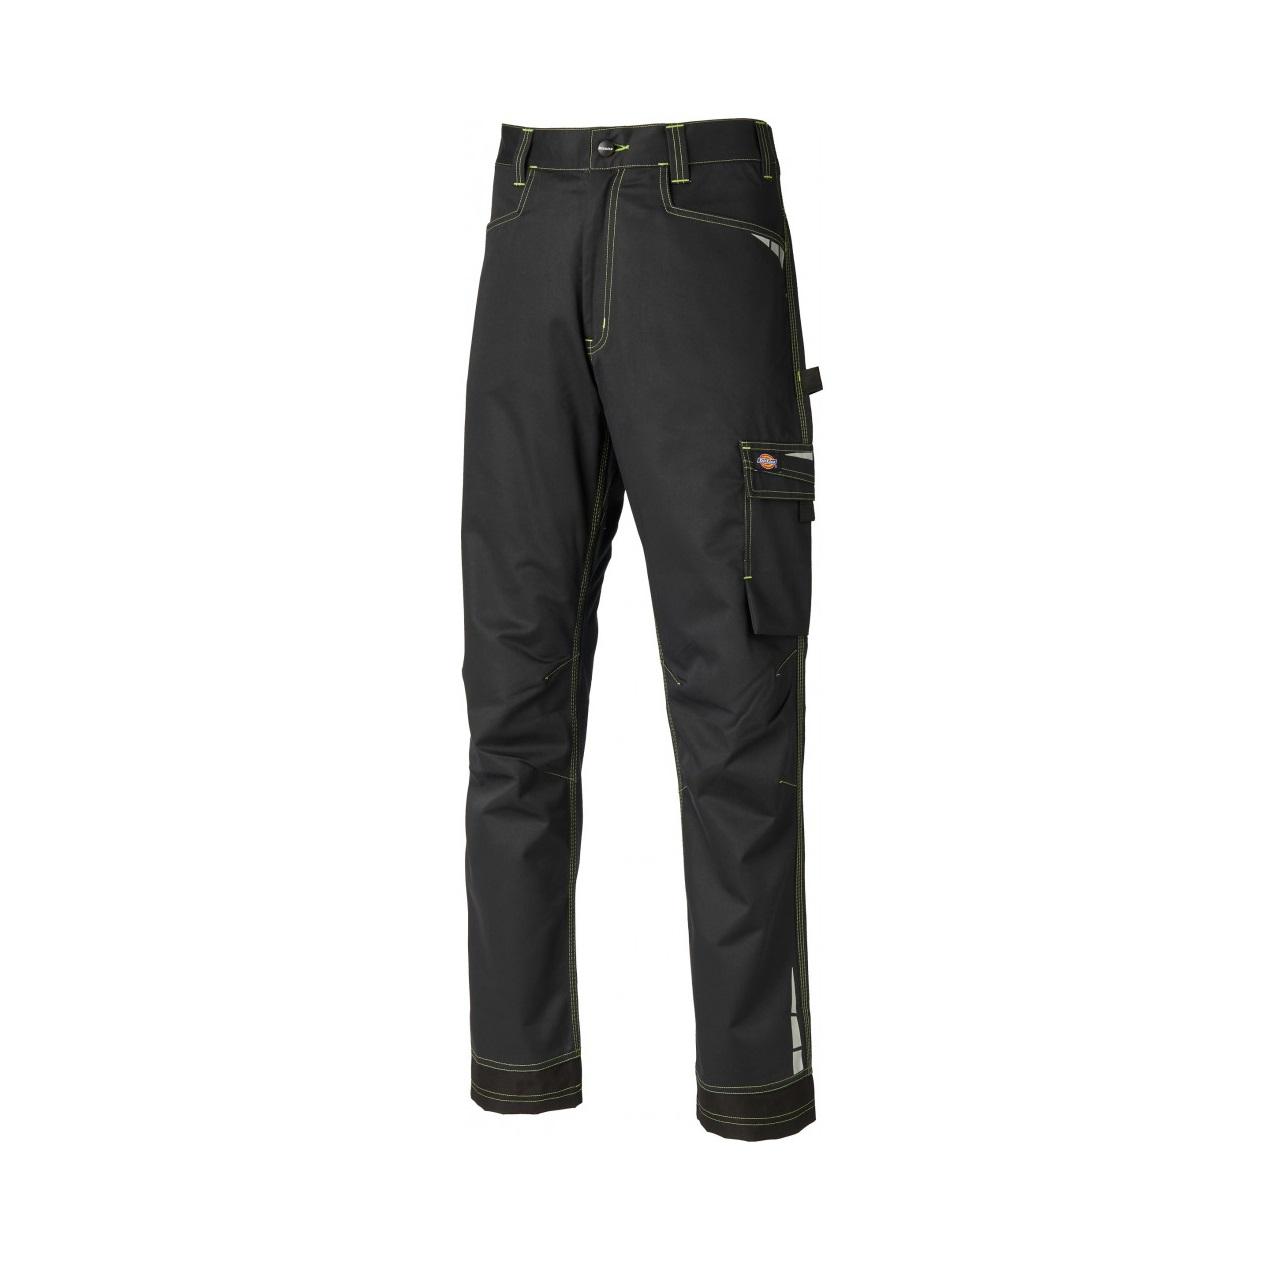 dickies pantalon de travail lakemont couleur et taille au choix distriartisan. Black Bedroom Furniture Sets. Home Design Ideas